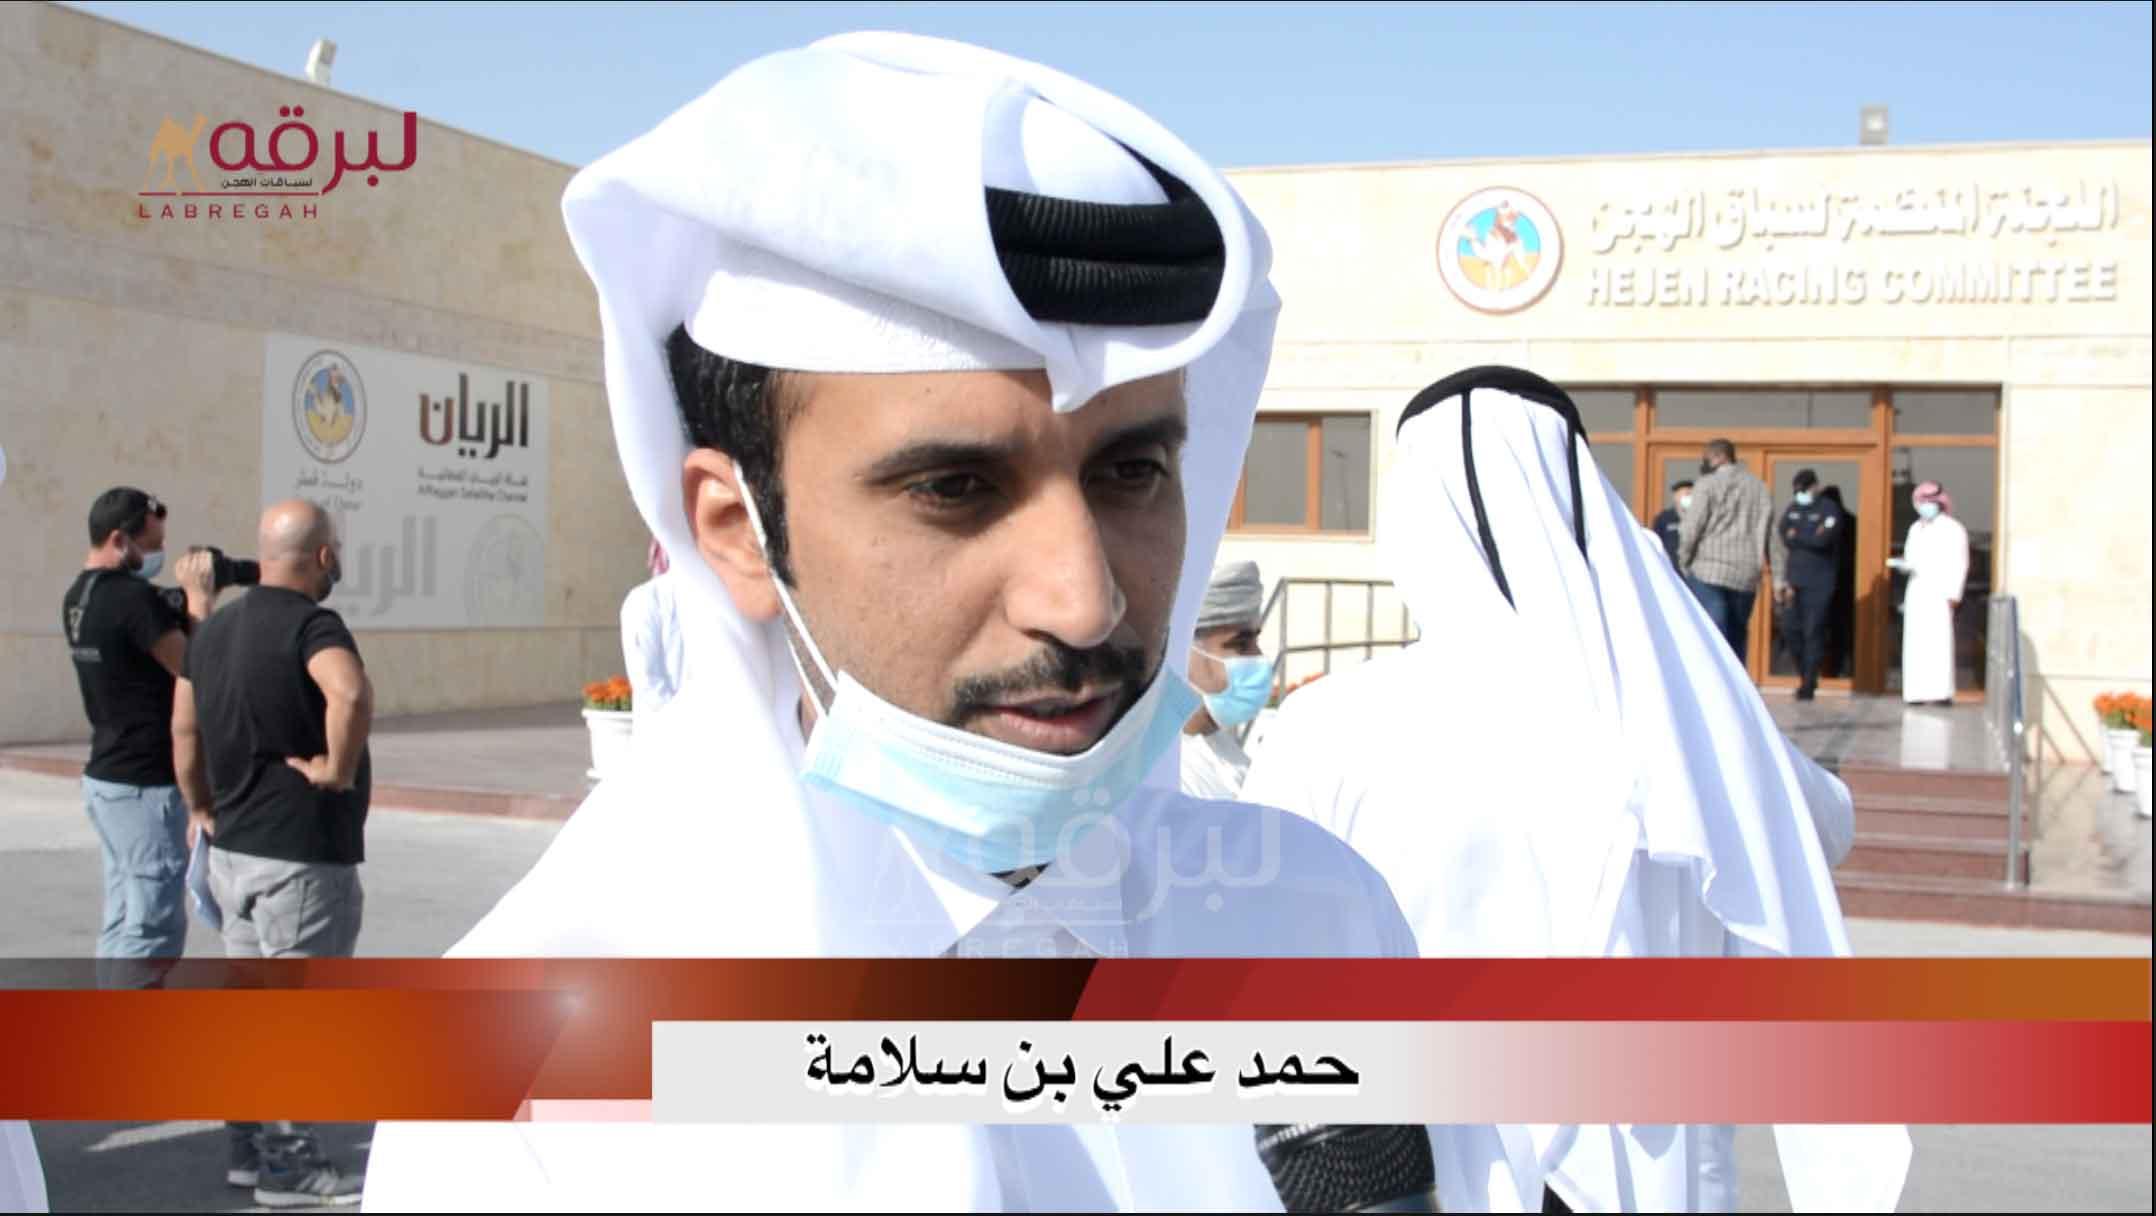 لقاء مع حمد علي بن سلامة.. الشلفة الفضية حقايق بكار « مفتوح » الأشواط العامة  ٢١-٣-٢٠٢١